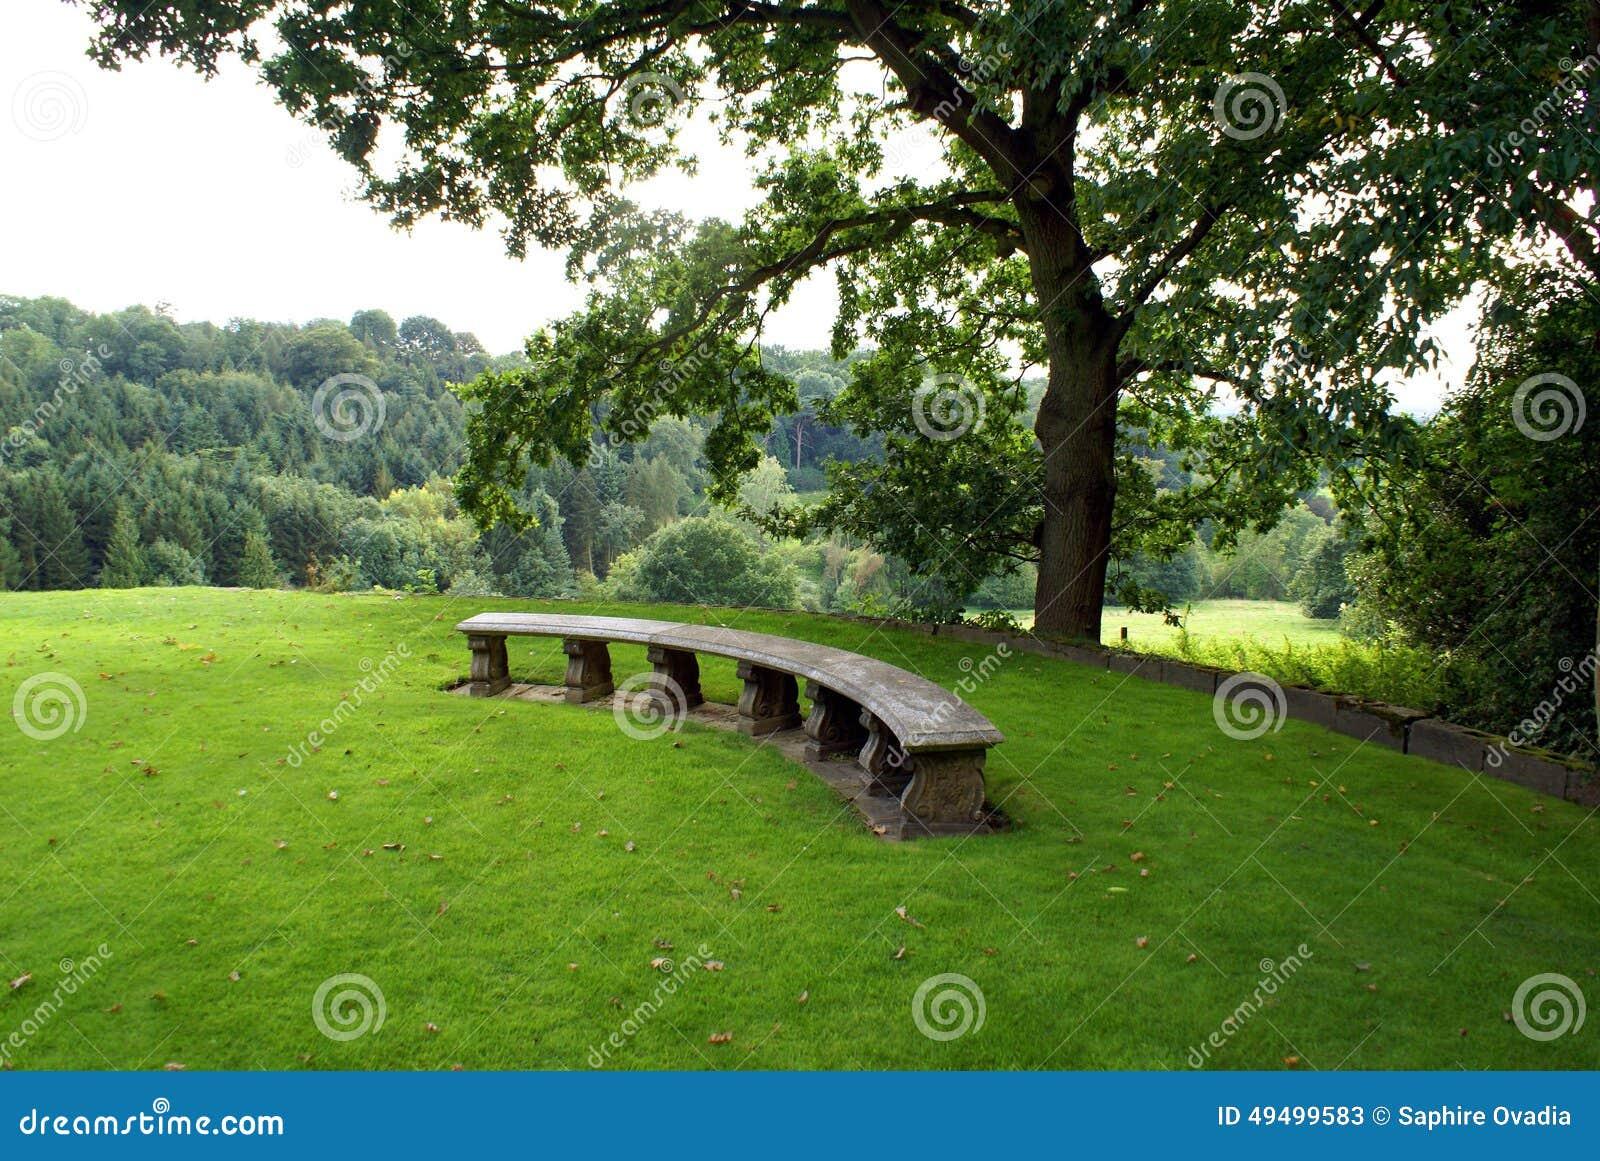 Sedile Di Pietra Scolpito In Un Giardino Immagine Stock Immagine